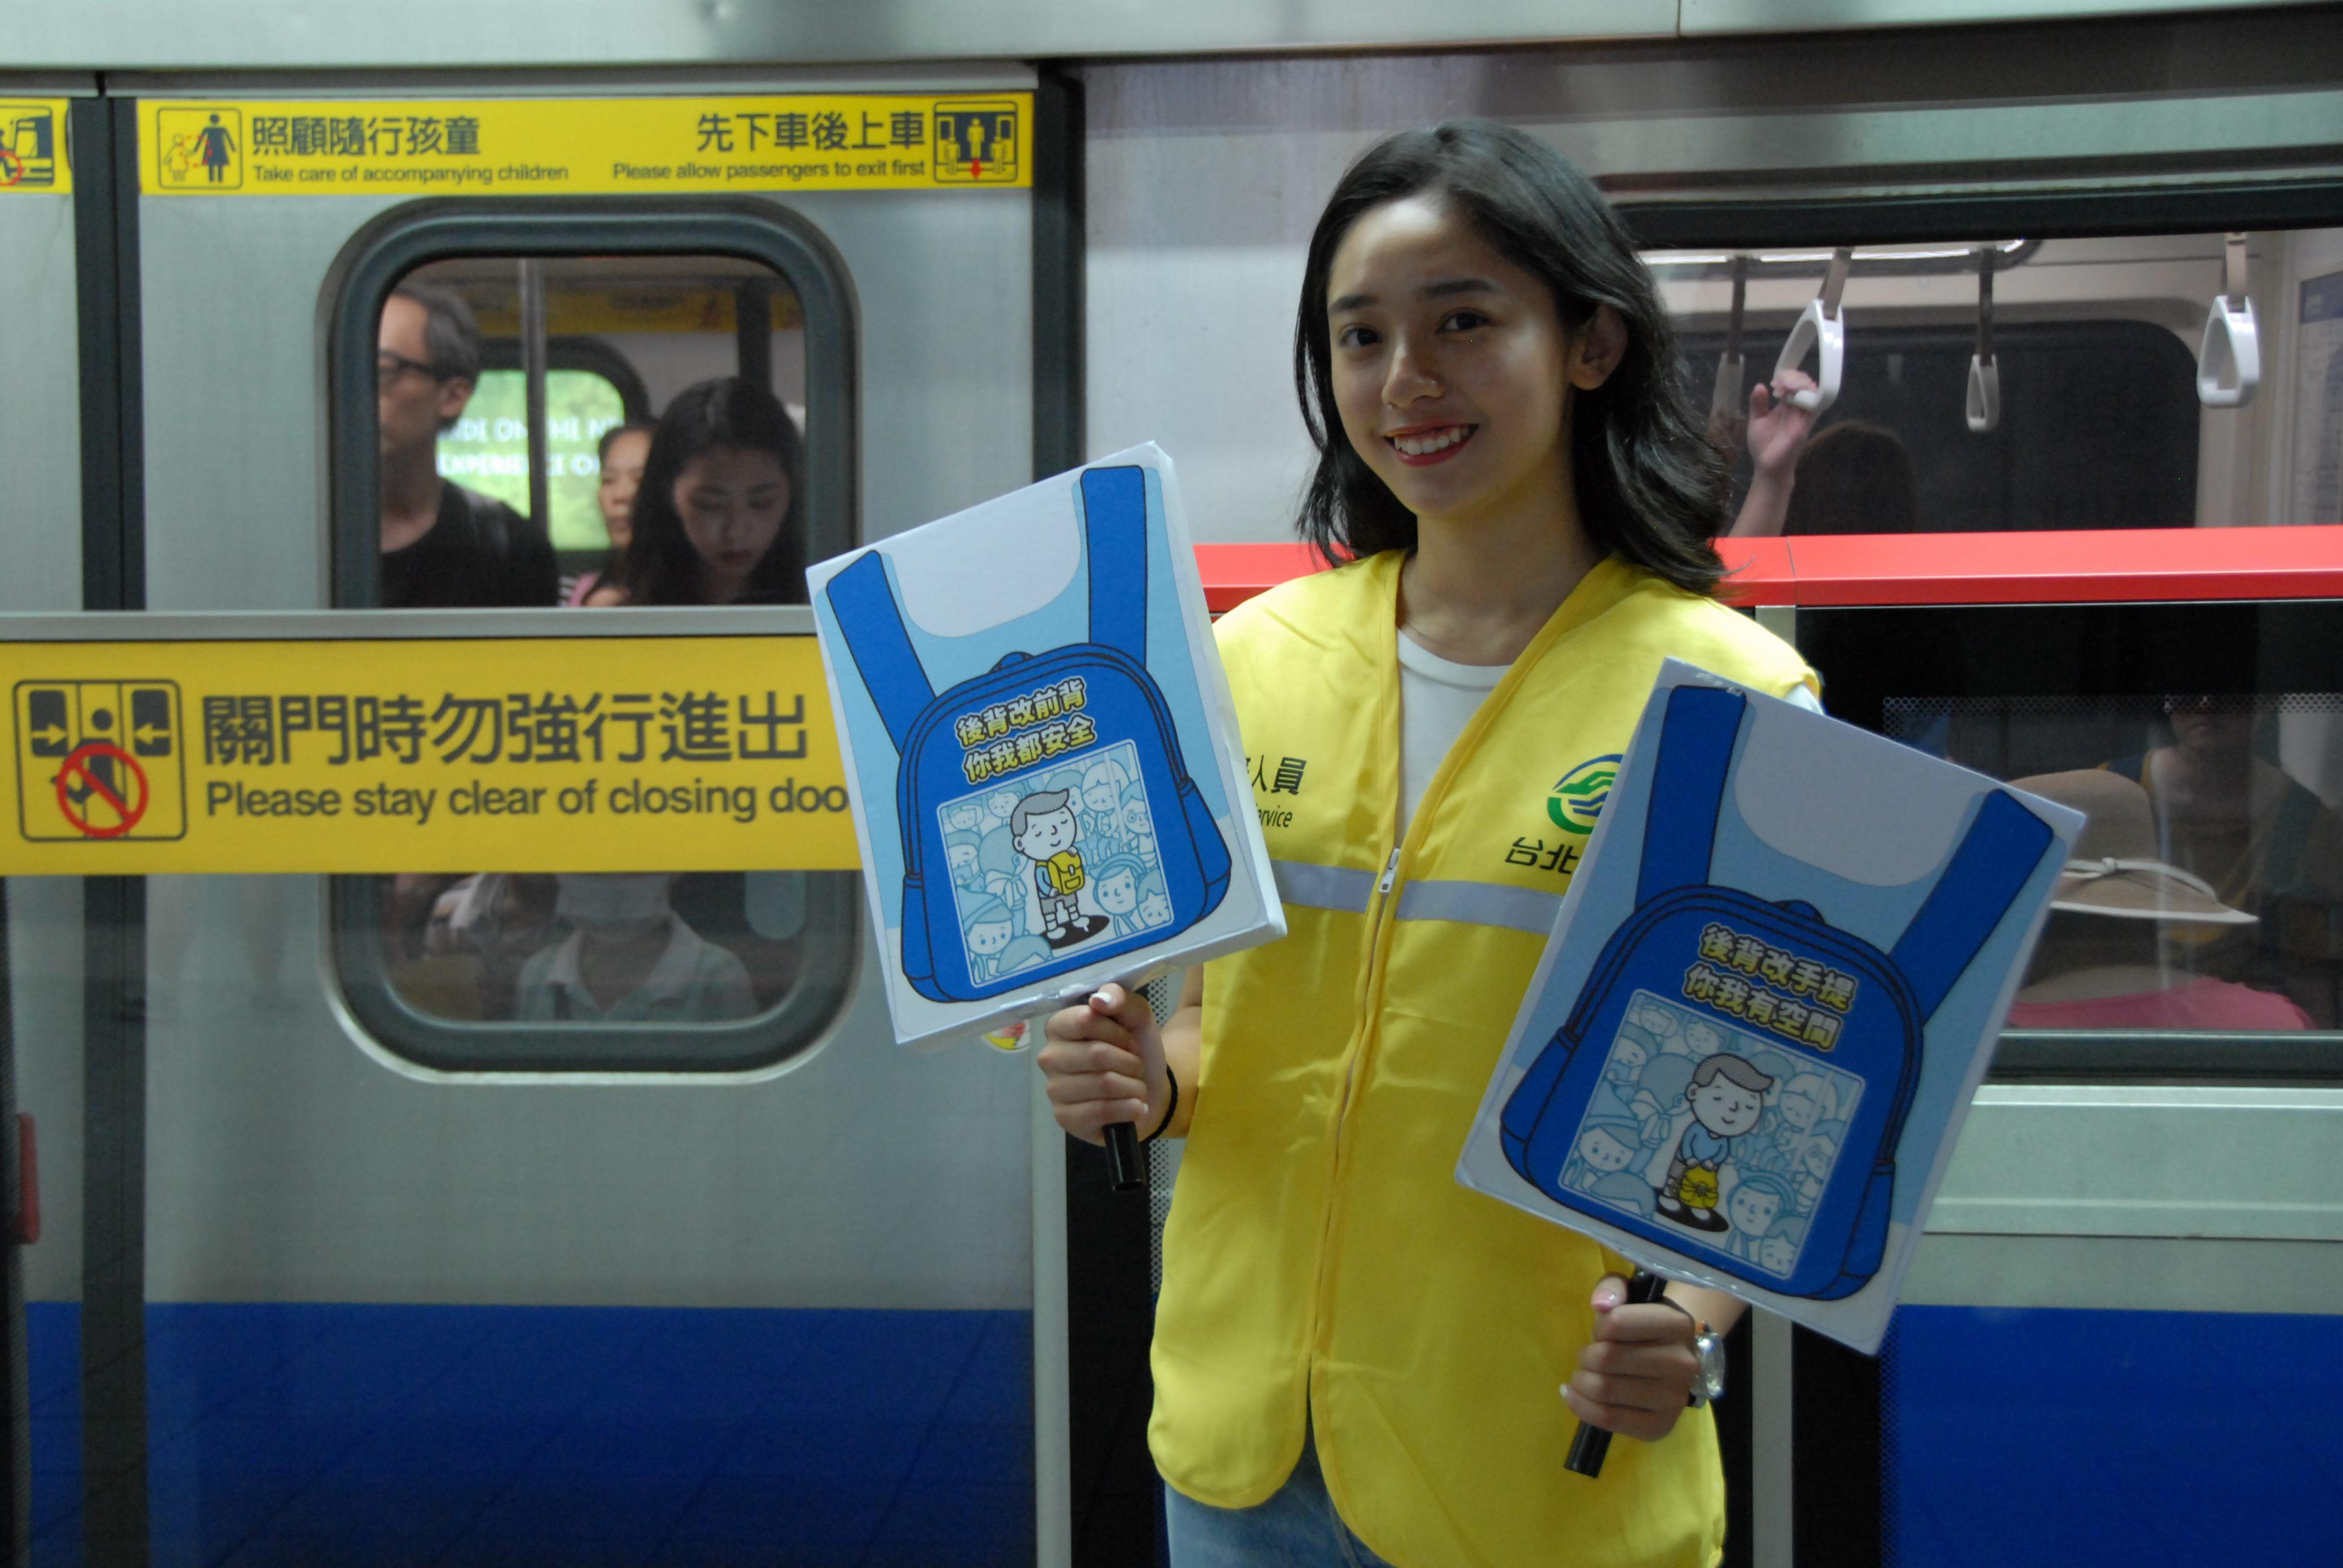 MRT service personnel Propaganda